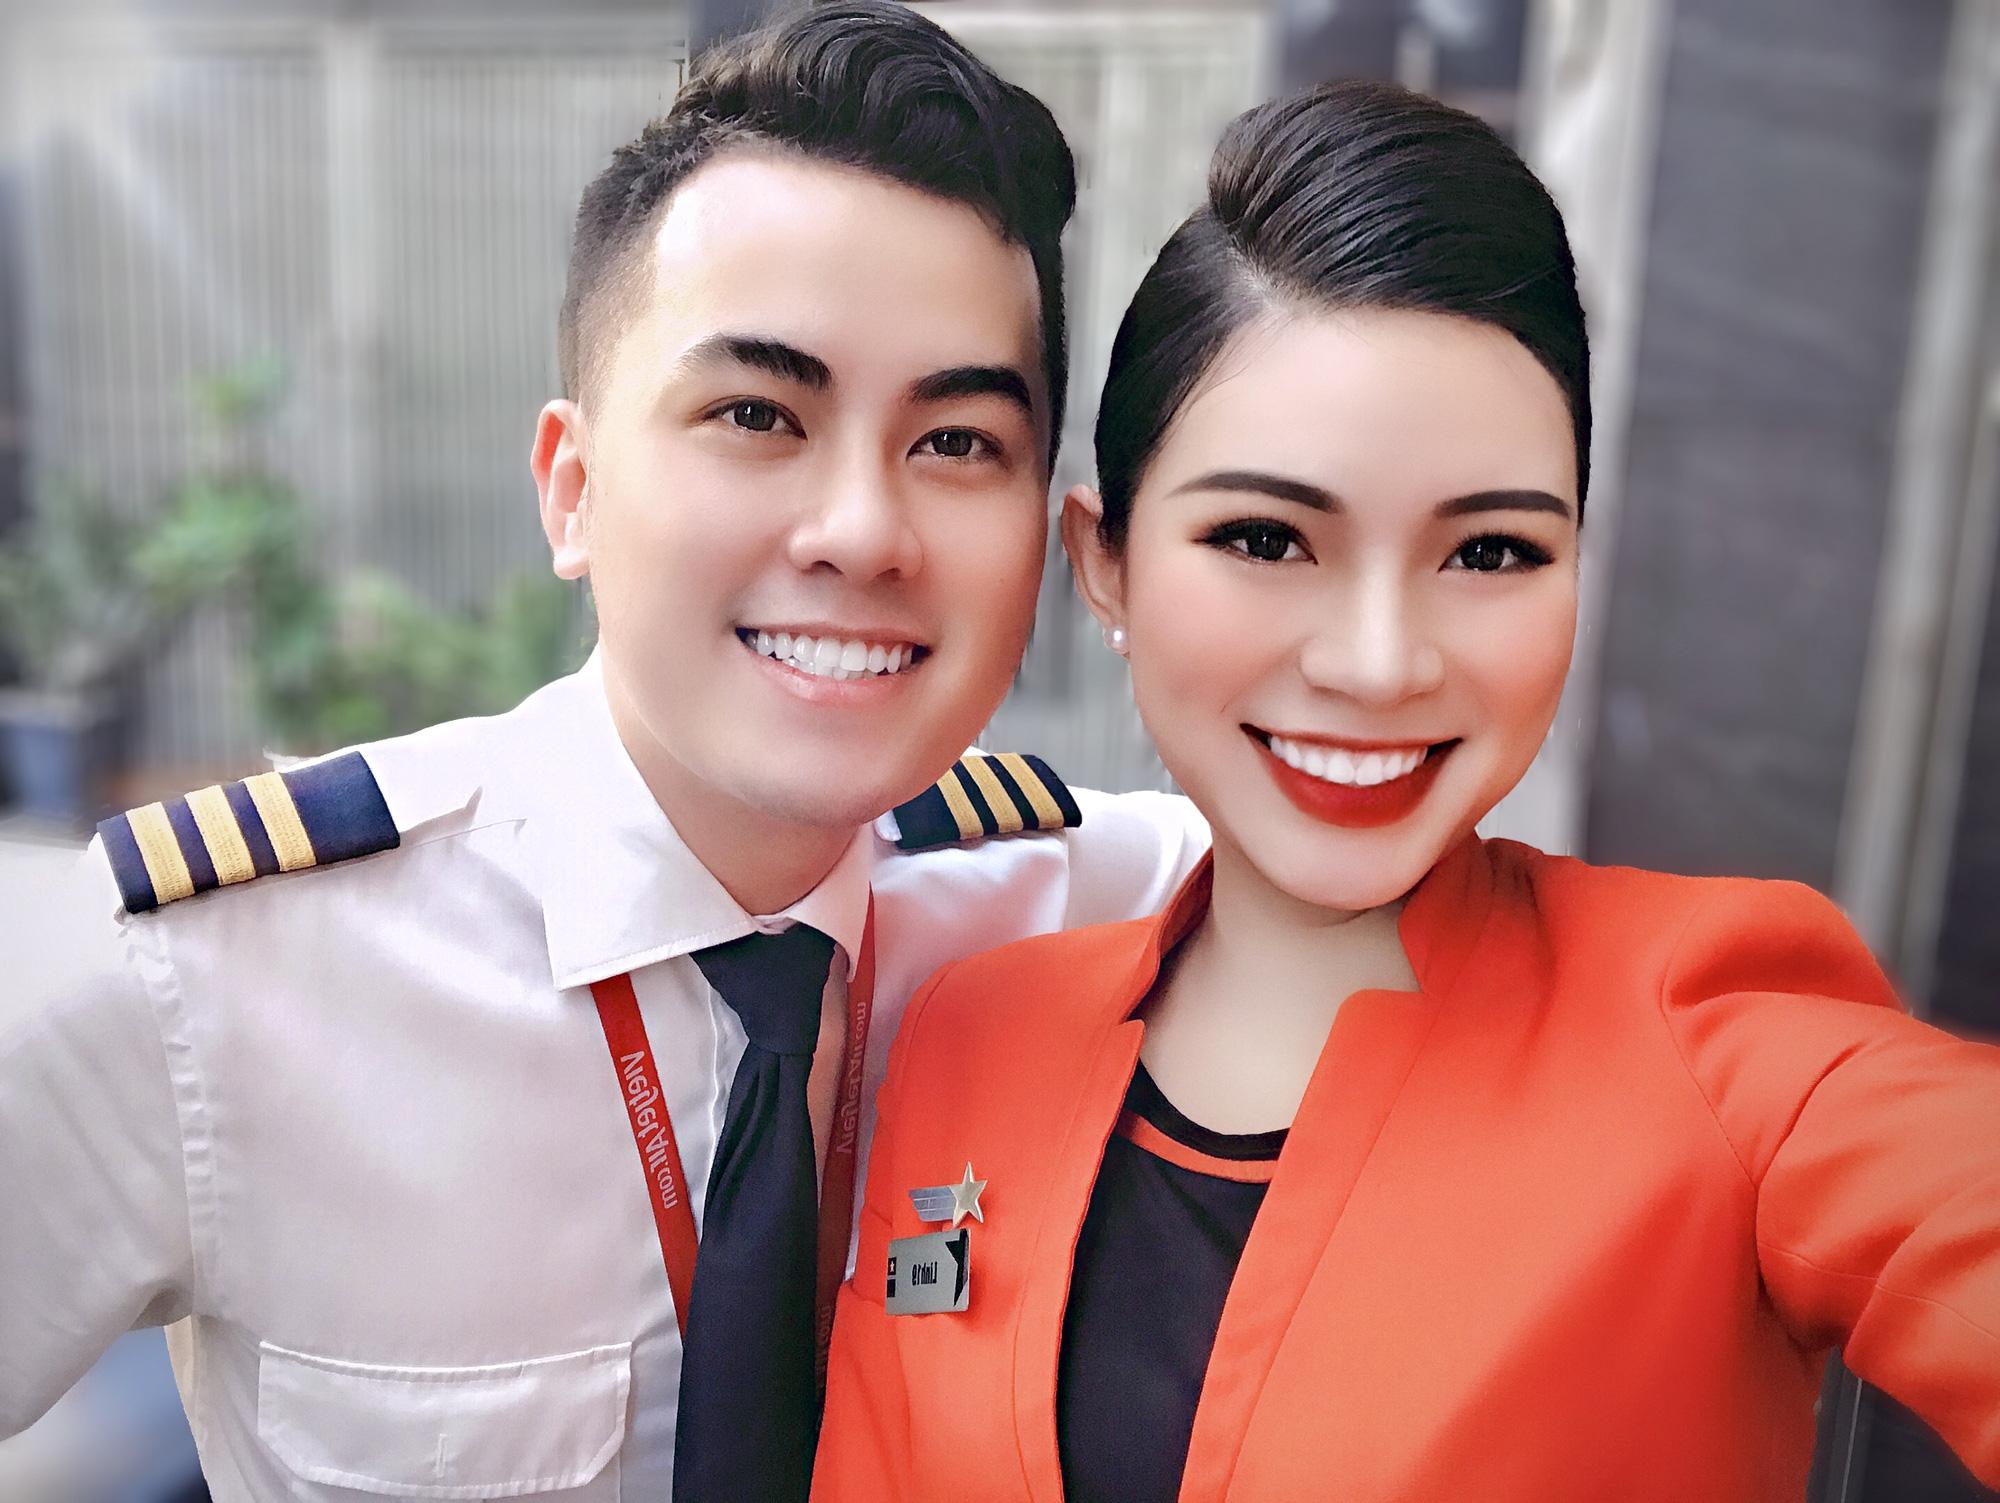 Tiếp viên hàng không kể chuyện yêu anh cơ phó nhờ Facebook, hé lộ mức lương xứng đáng với công việc trong mơ - Ảnh 9.